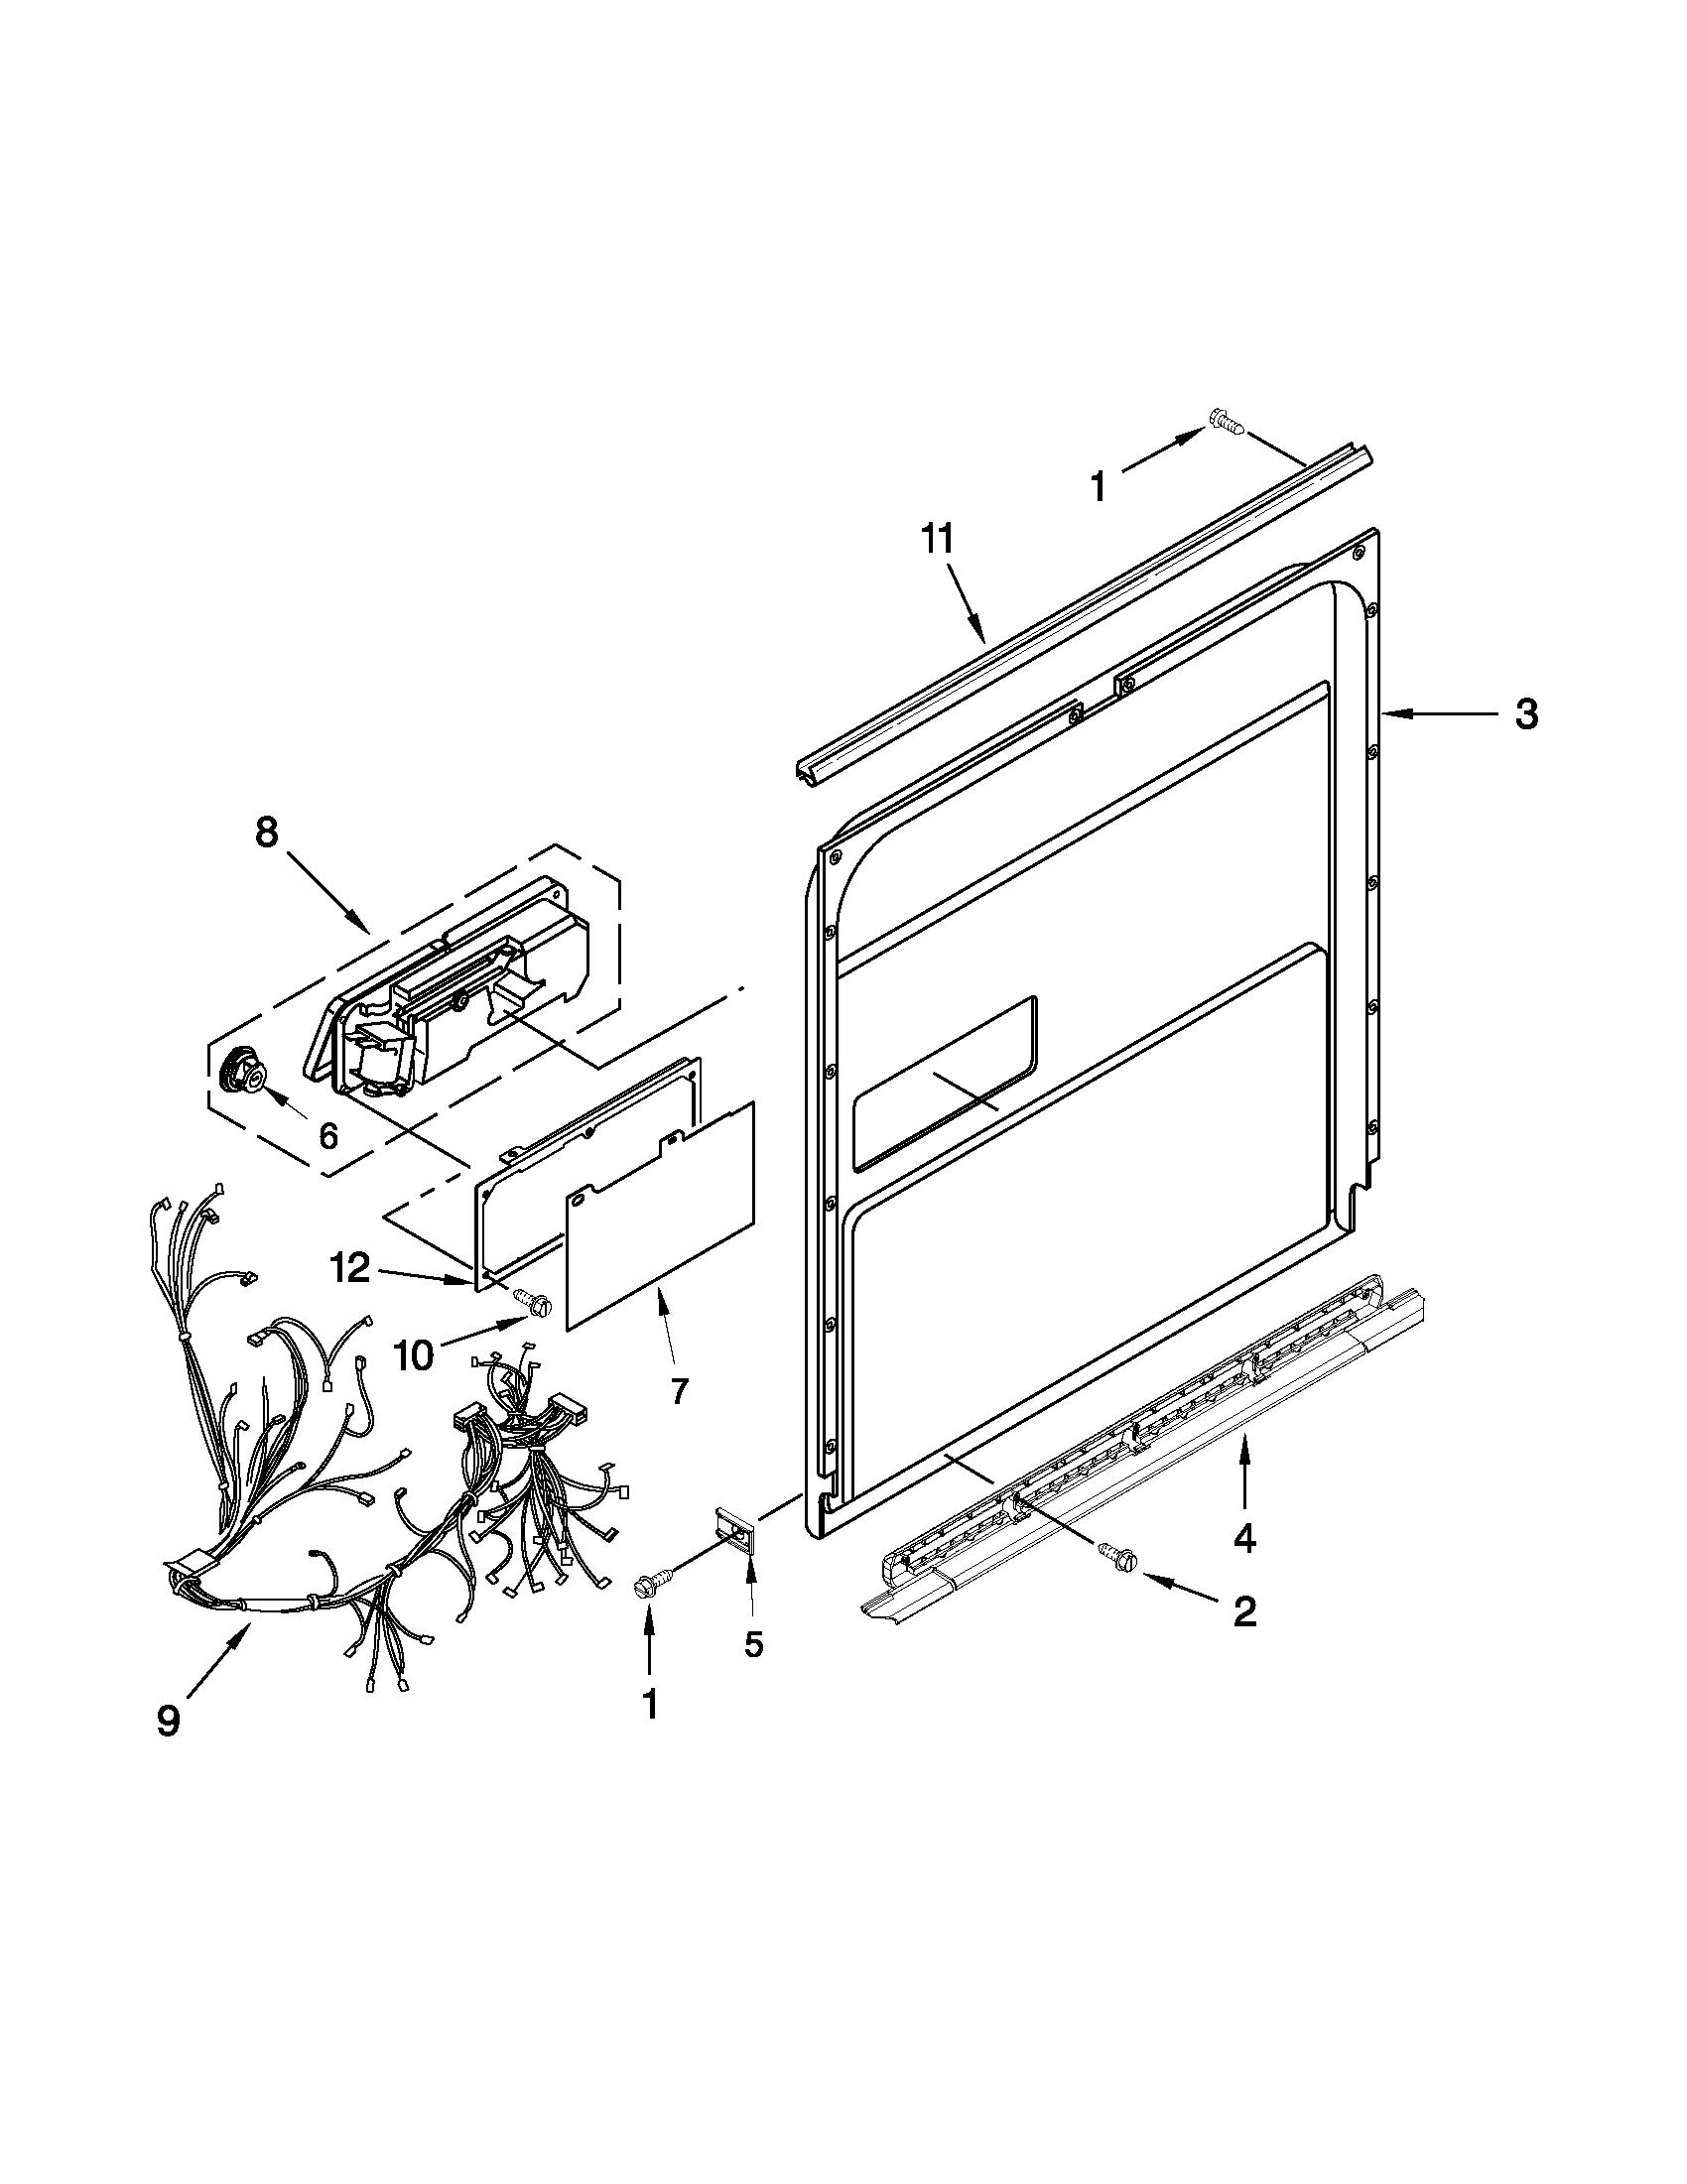 kenmore elite dishwasher parts manual